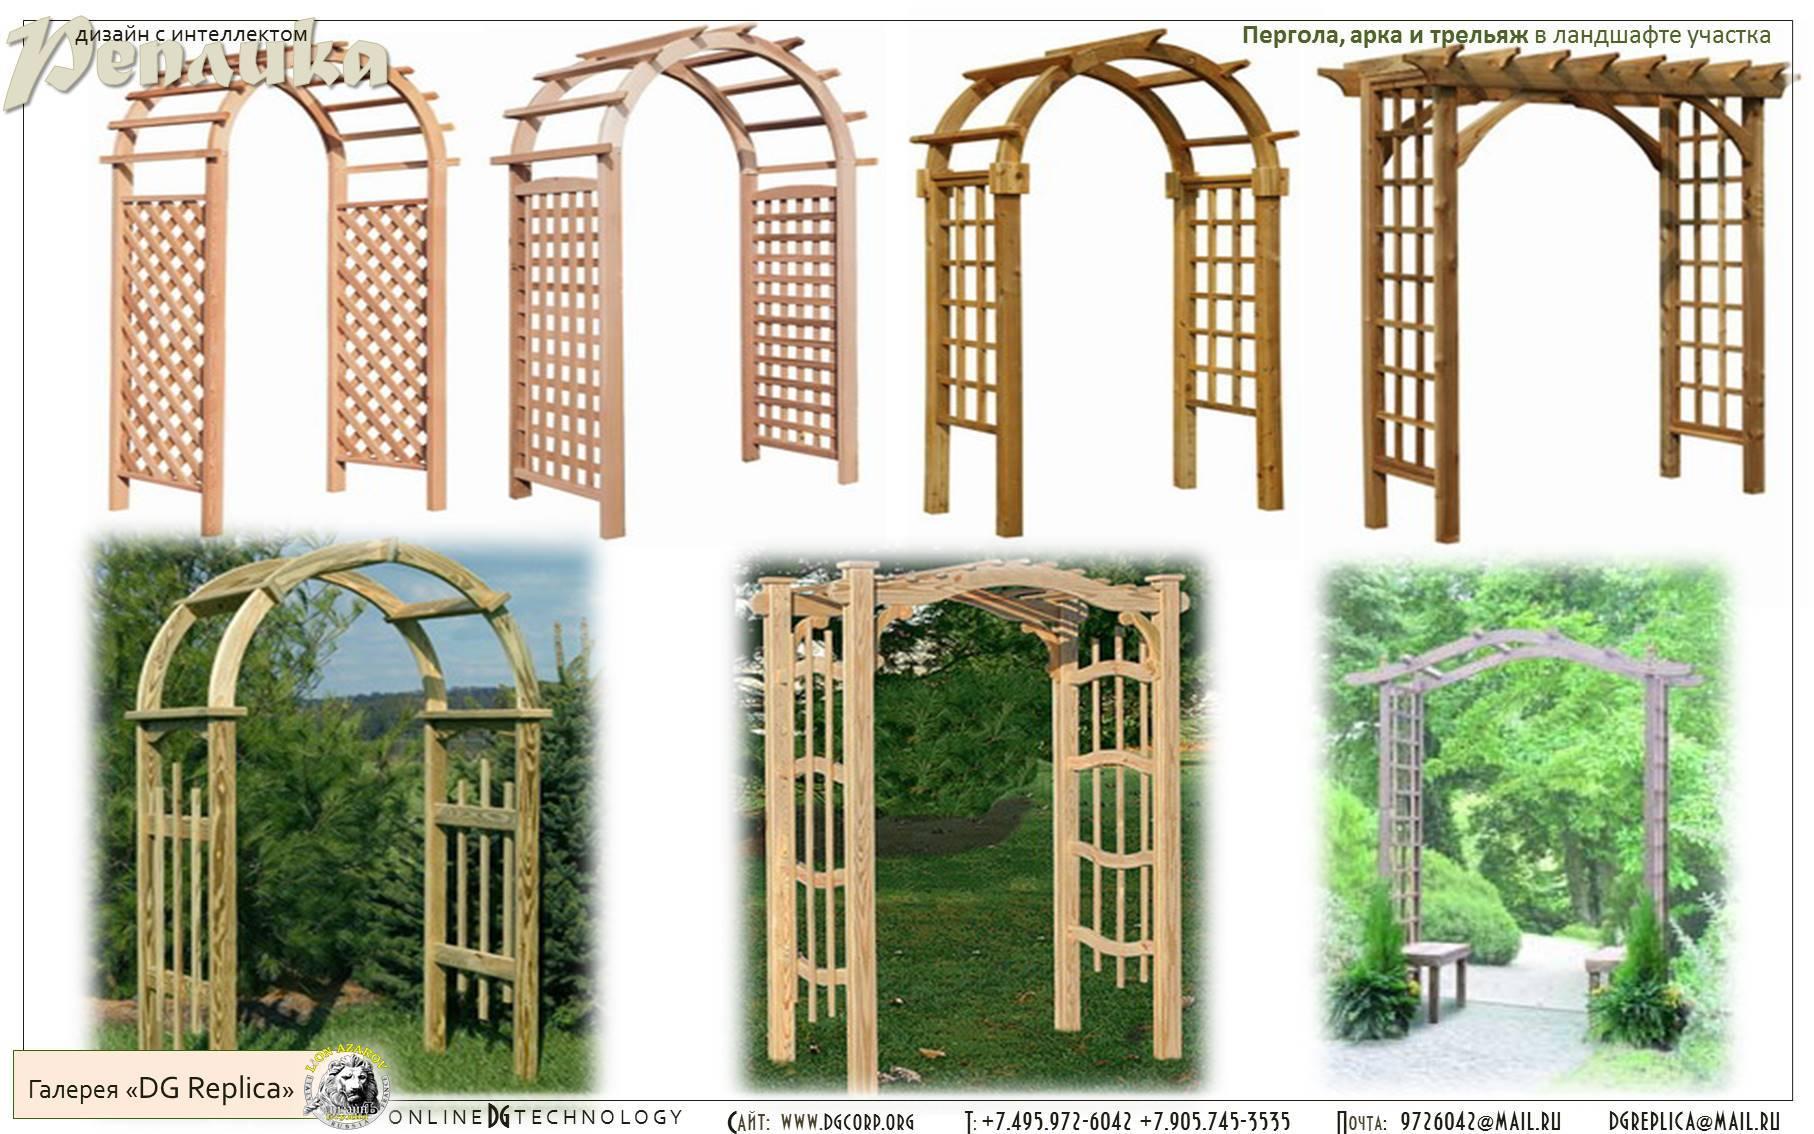 Пергола для винограда (40 фото): из металла и деревянная. как сделать перголу из профильной трубы своими руками? размеры и чертежи, высота